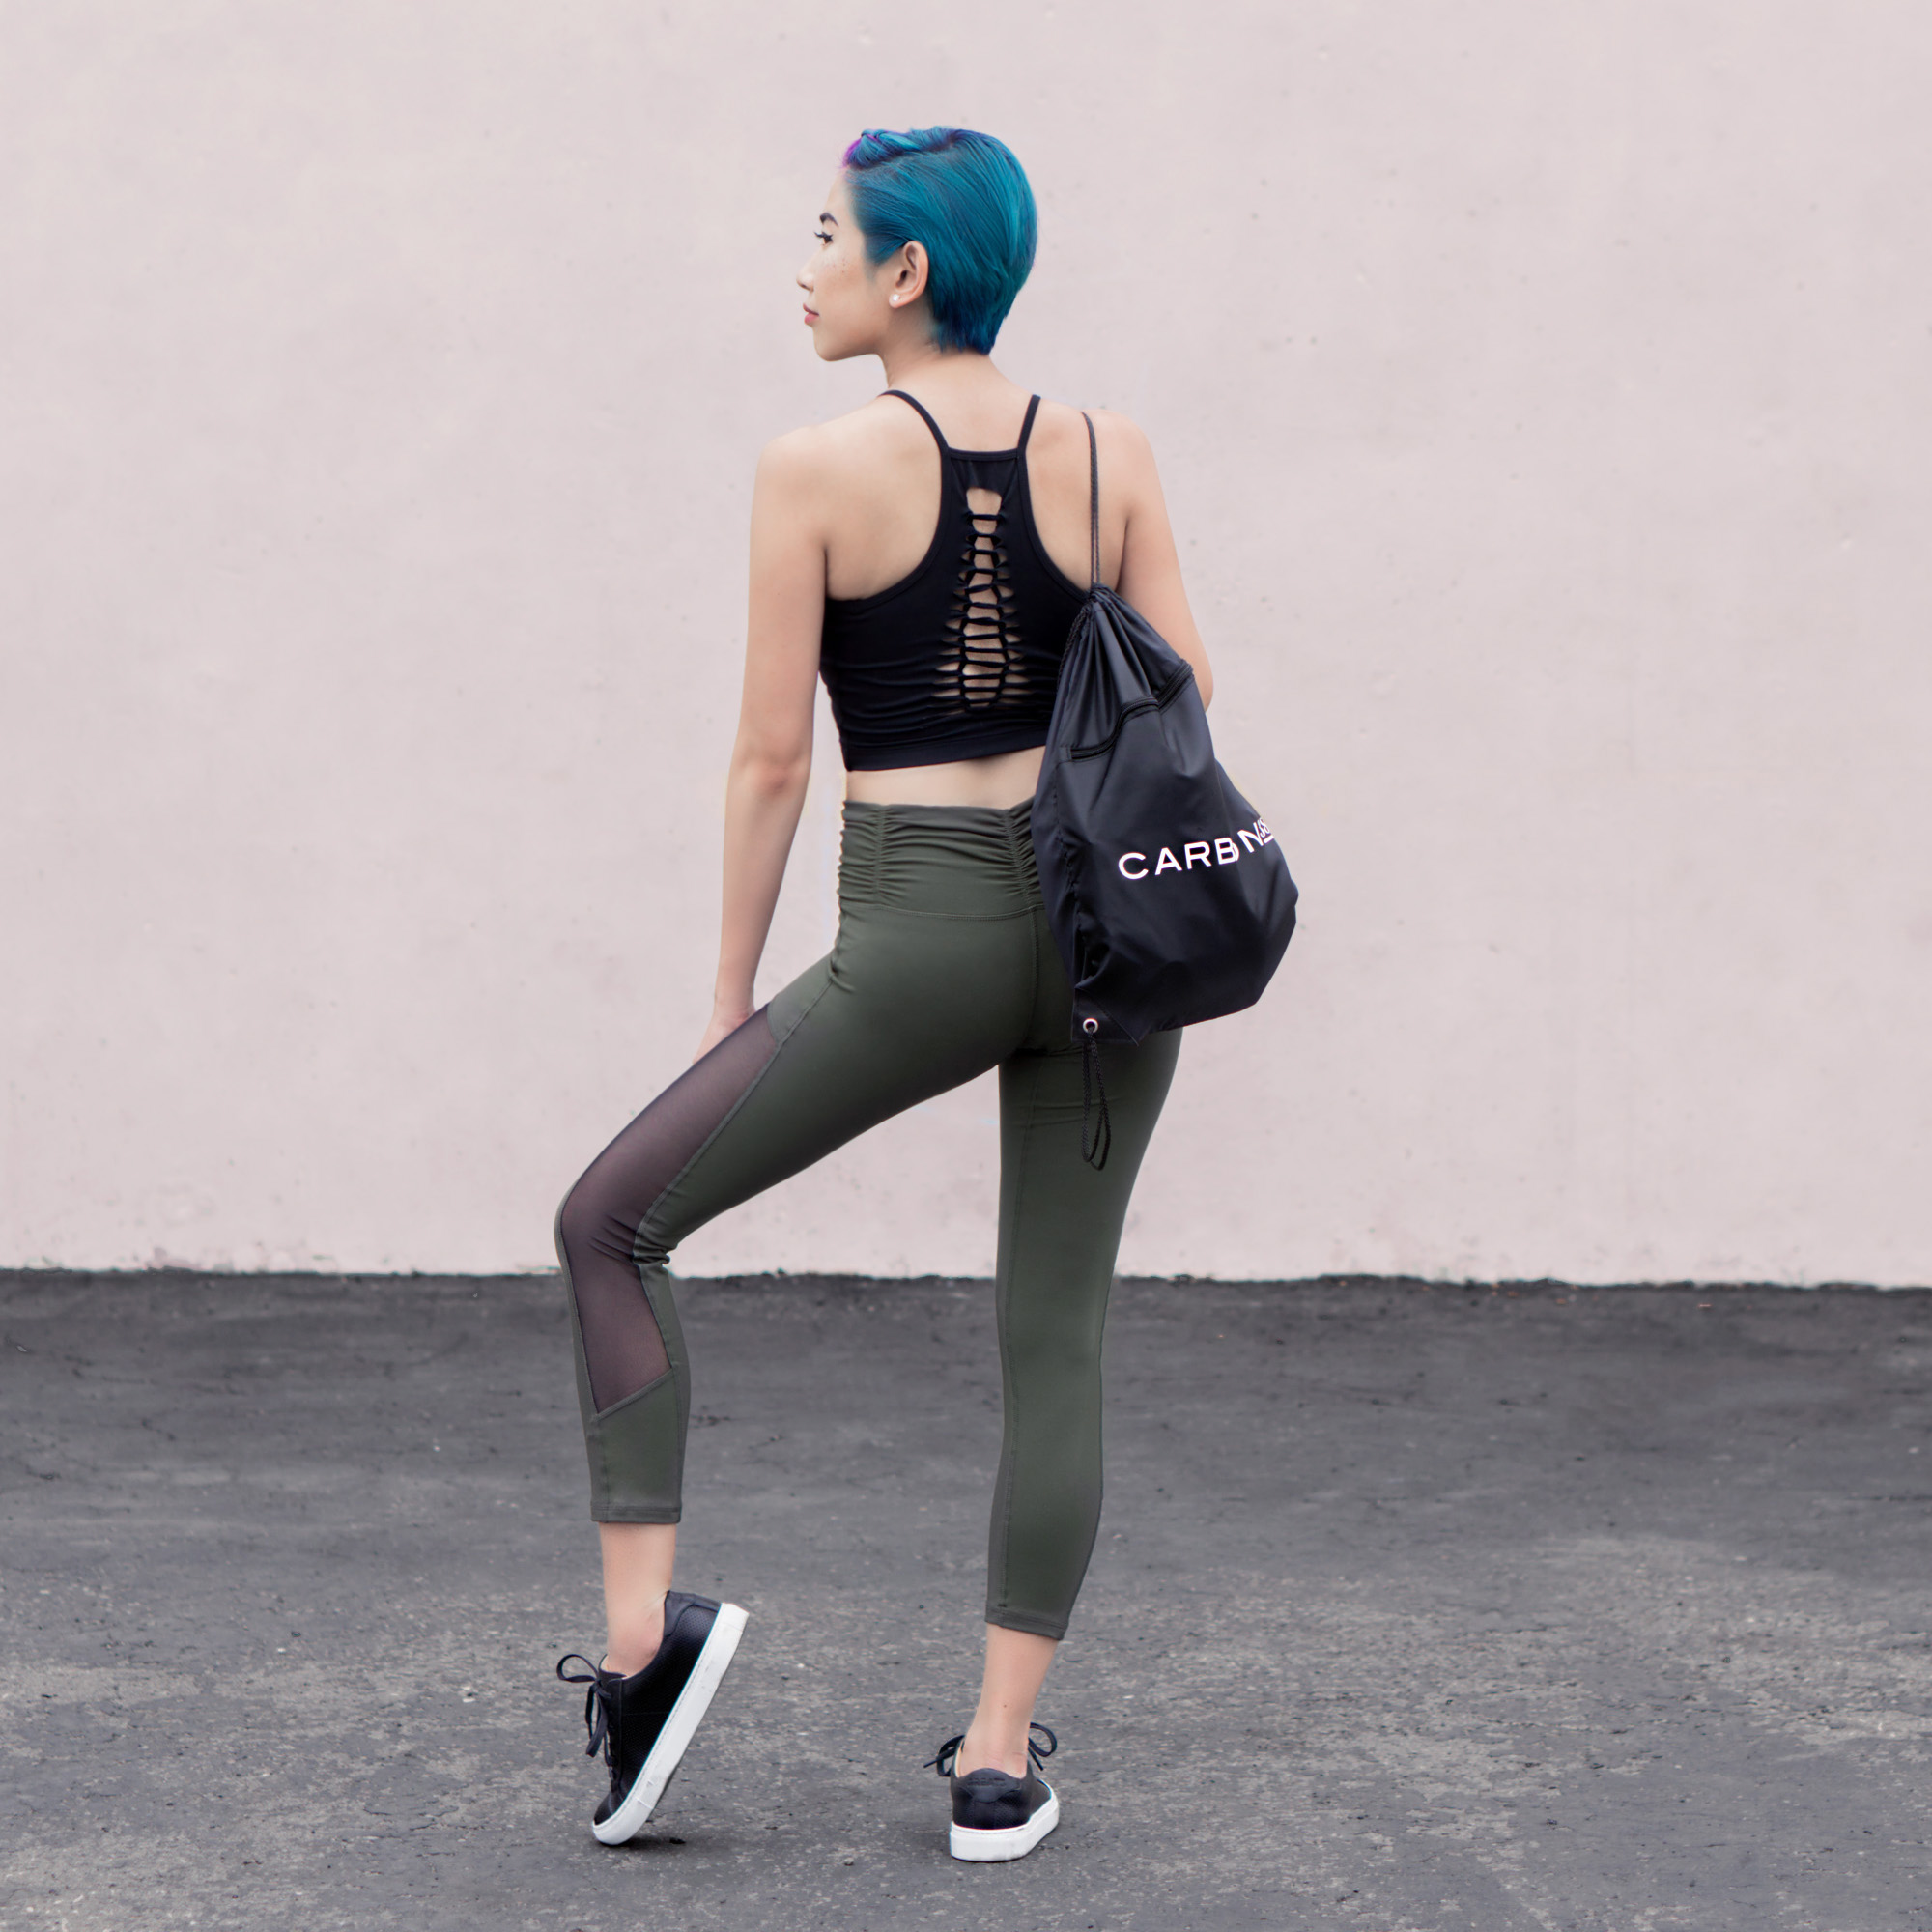 Top : Cleo Medium Support Sport Bra    Leggings : Raven 7/8 Length Leggings in Olive